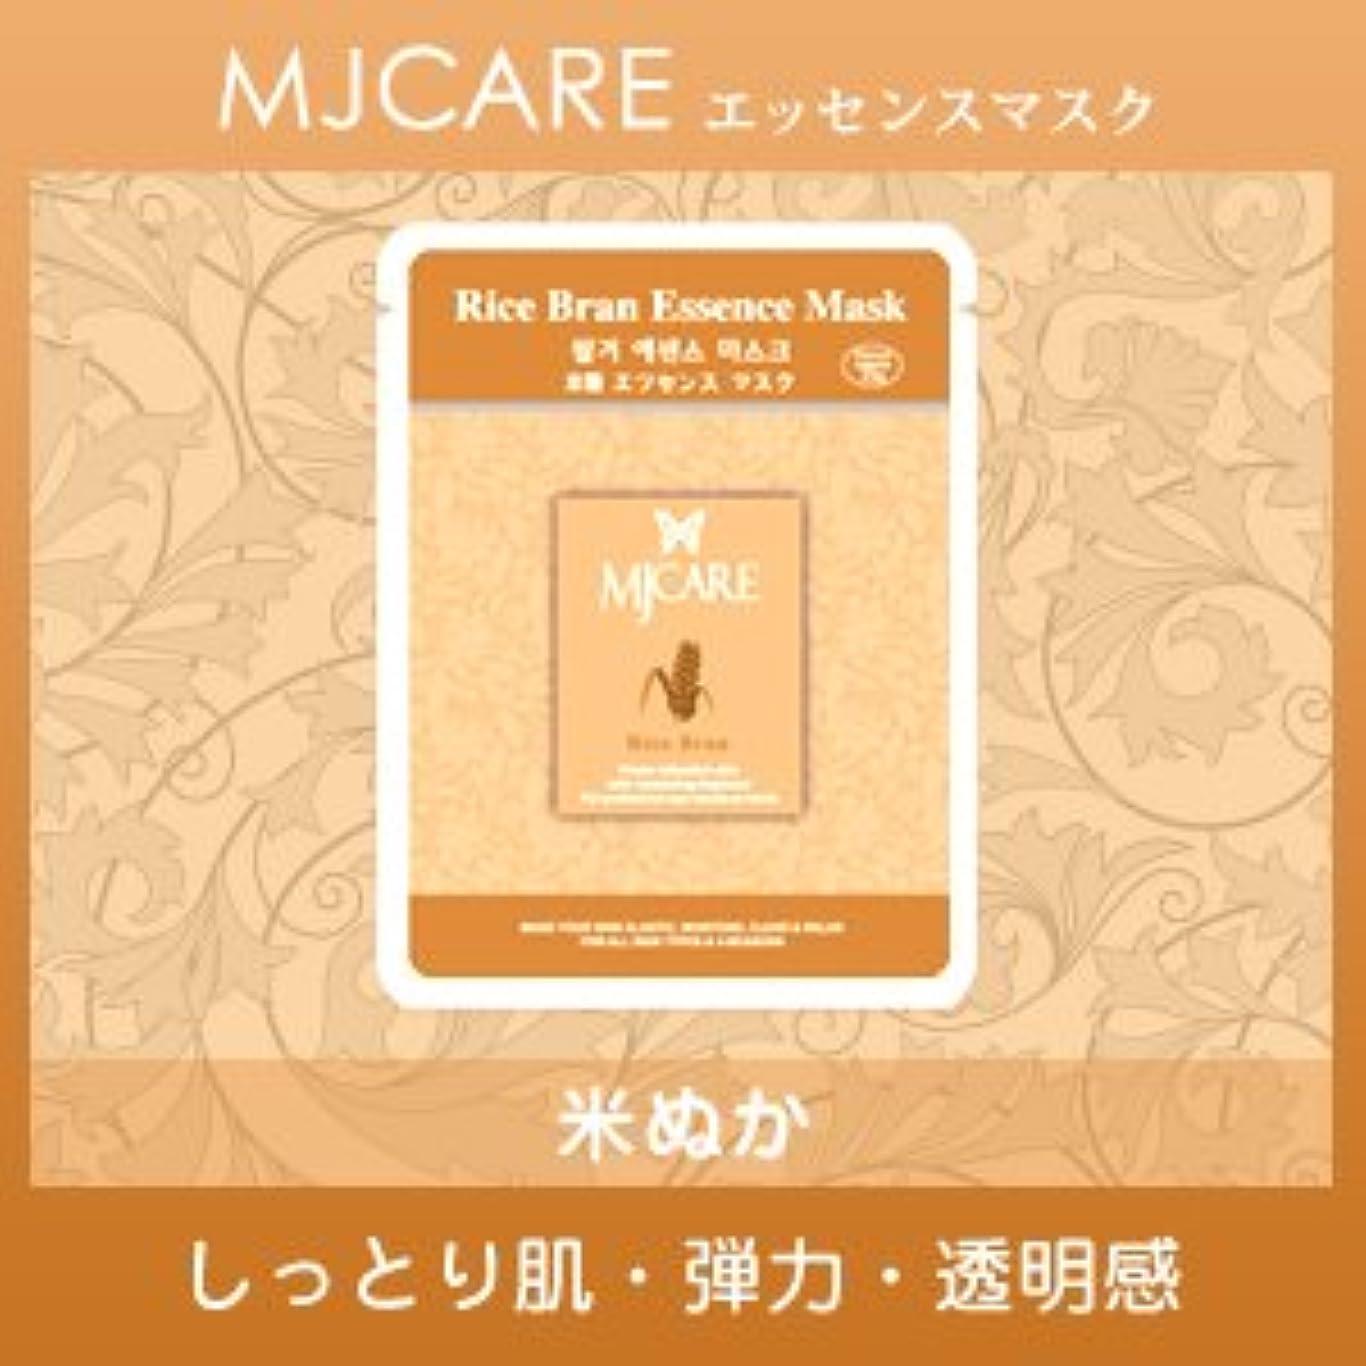 パステル滅びる中級MJCARE (エムジェイケア) 米ぬか エッセンスマスク